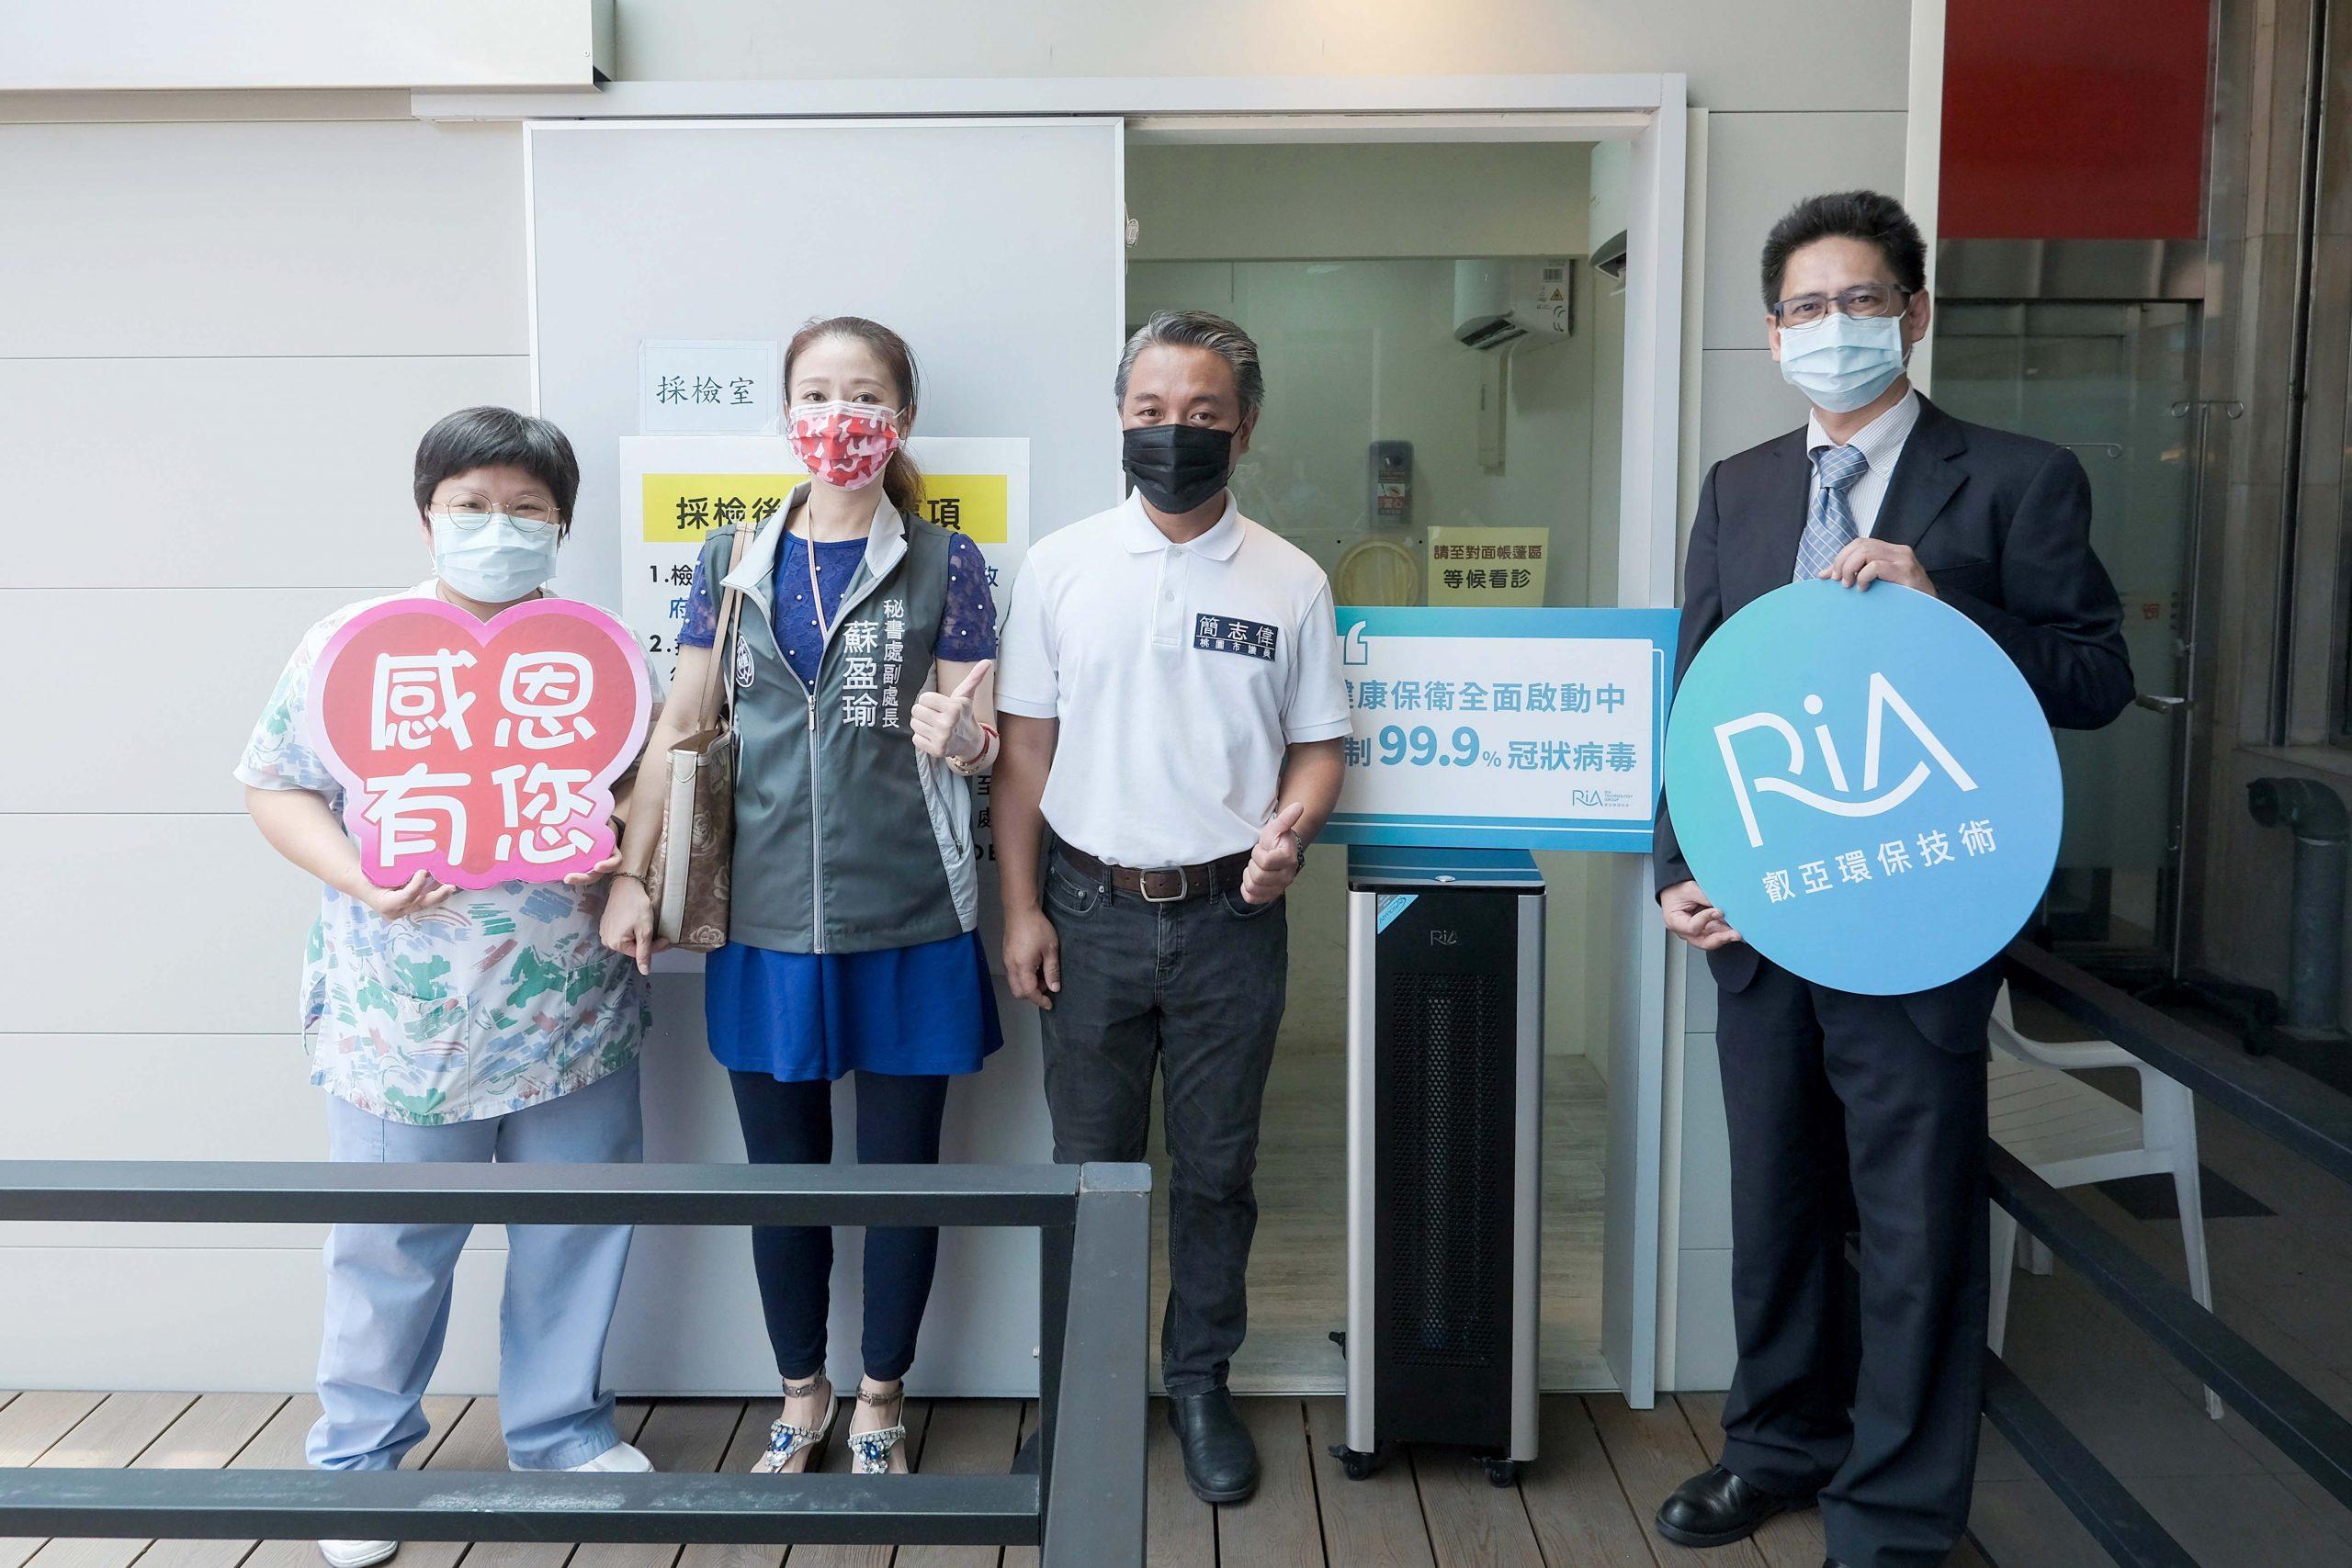 台灣叡亞捐贈與美國軍醫院同等級空氣淨化設備予桃園聖保祿醫院